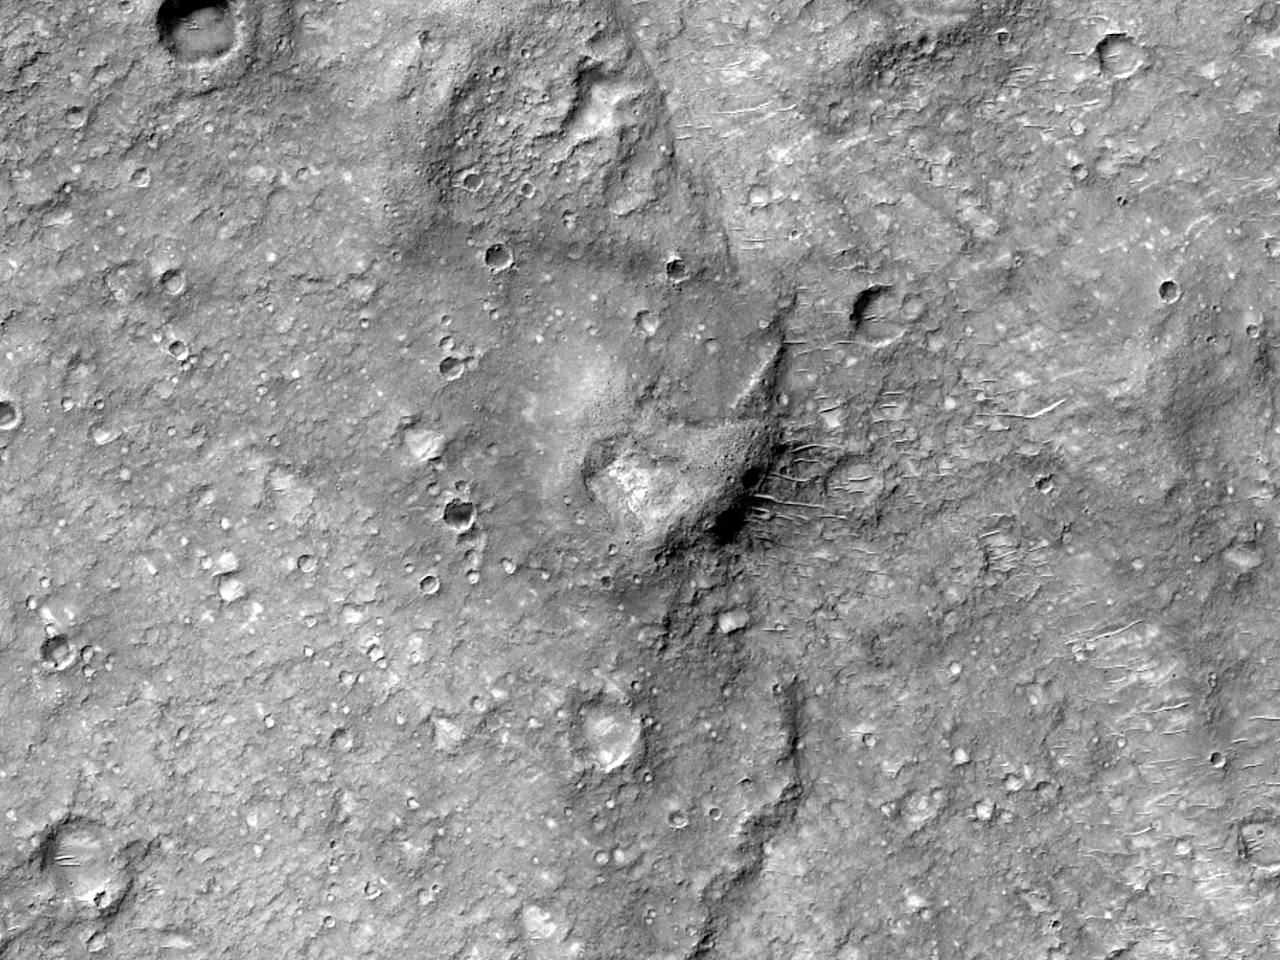 Sit posibil de aterizare pentru misiunea Mars 2020, în craterul Gusev